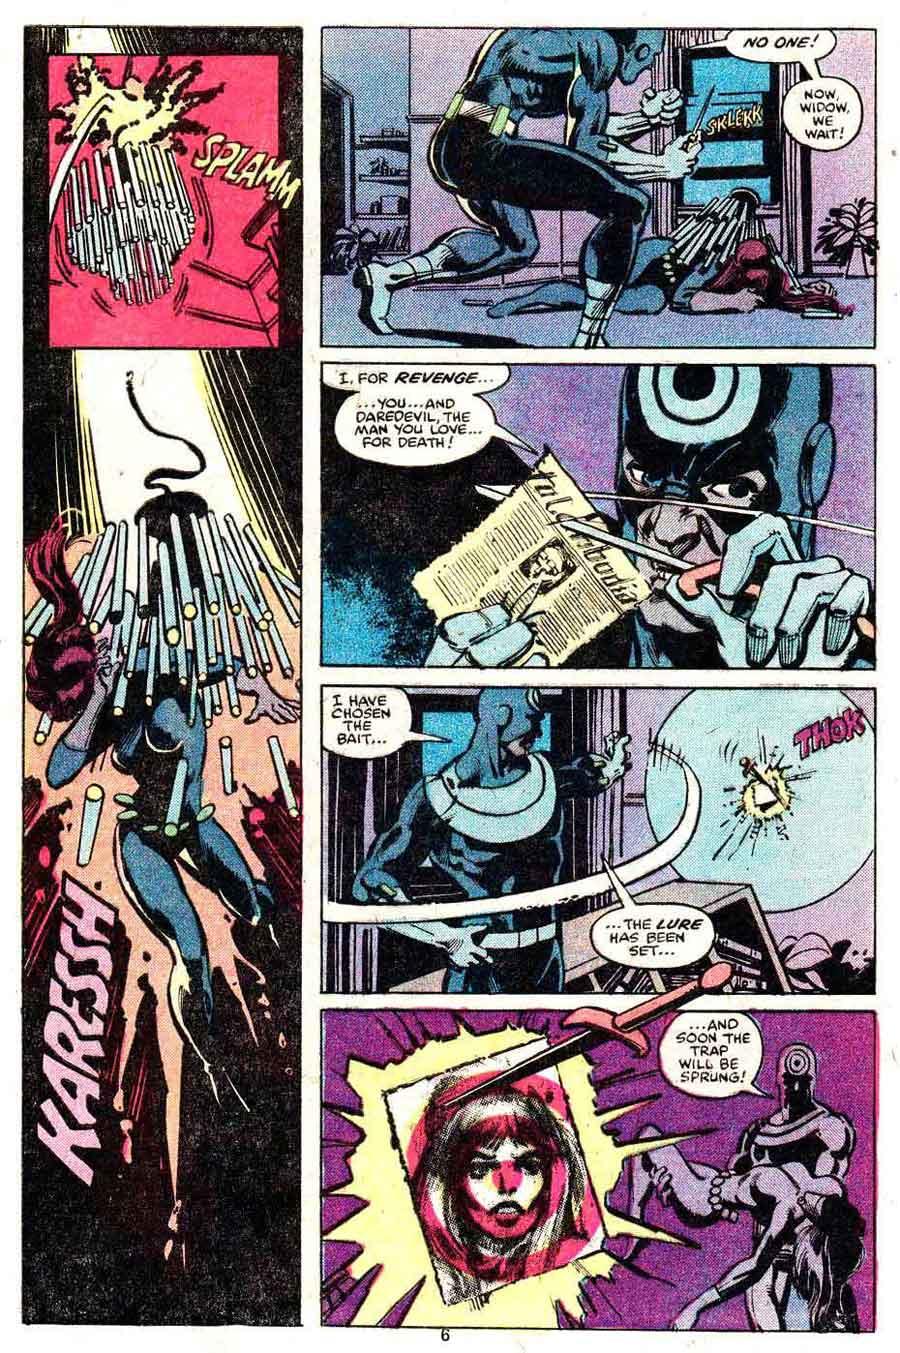 Daredevil v1 #160 marvel comic book page art by Frank Miller